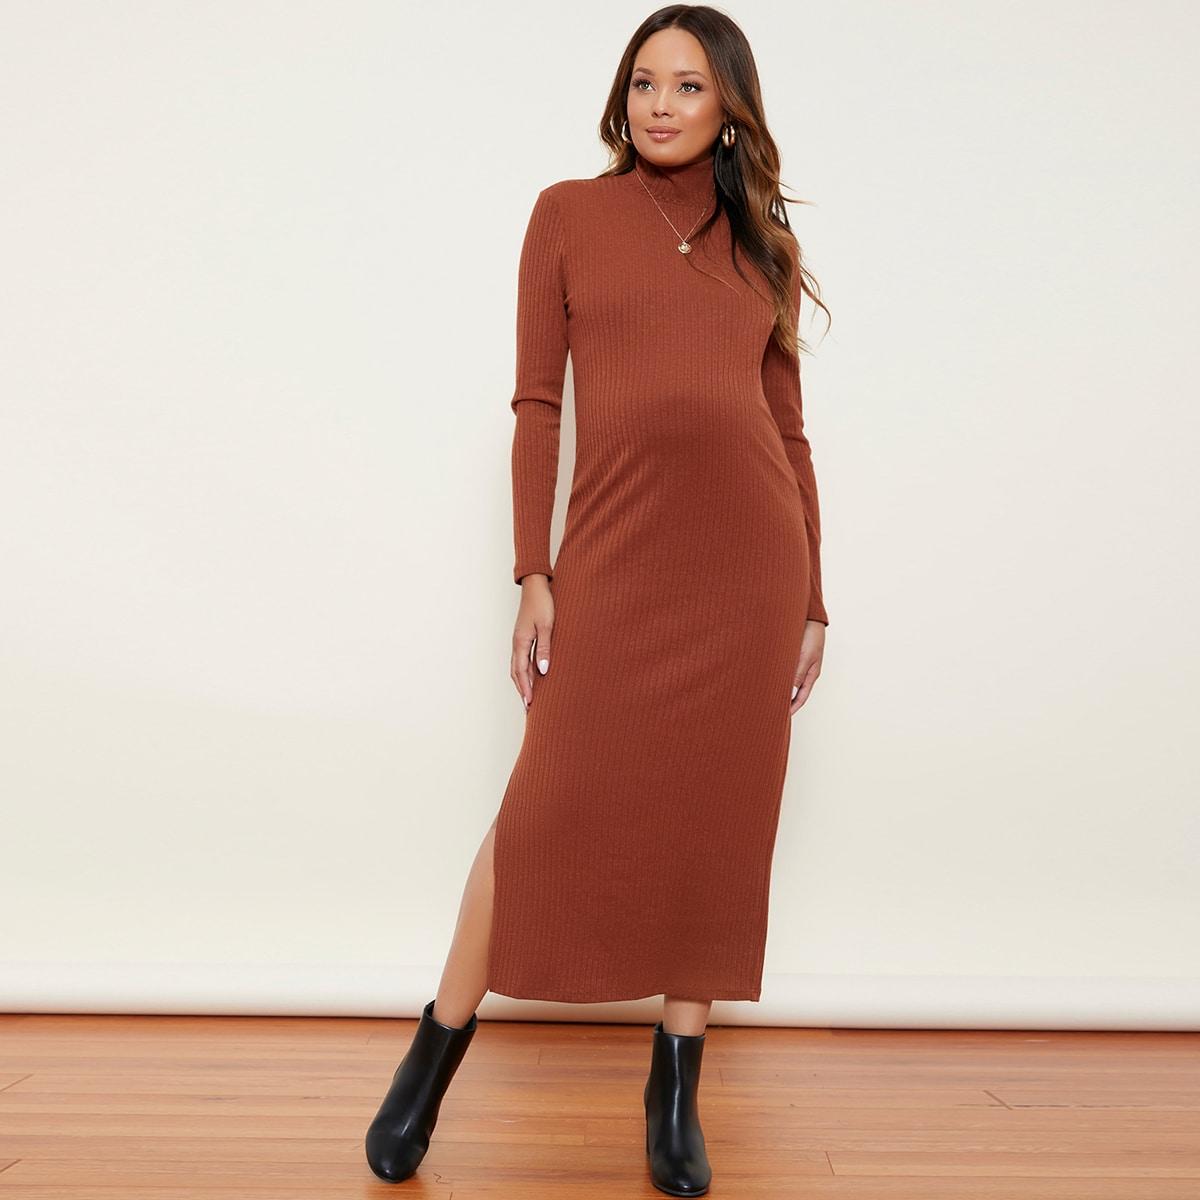 Вязаное платье в рубчик с высоким воротником и разрезом для беременных от SHEIN